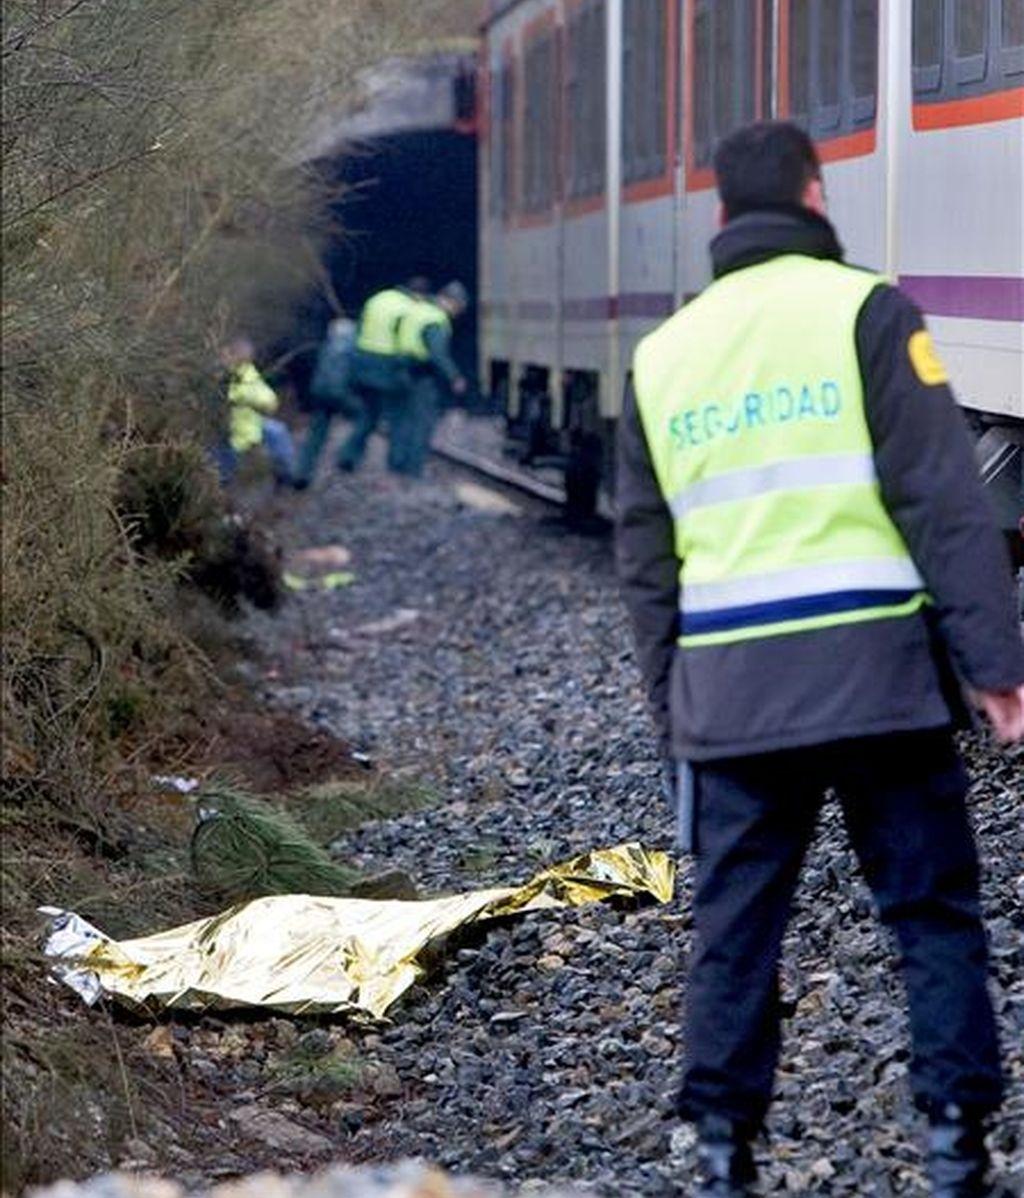 Un guardia jurado observa el cuerpo sin vida de una persona que ha muerto esta mañana al ser arrollada por un tren en la vía férrea que discurre entre A Coruña y Vigo, a su paso por la localidad coruñesa de Cerceda. EFE